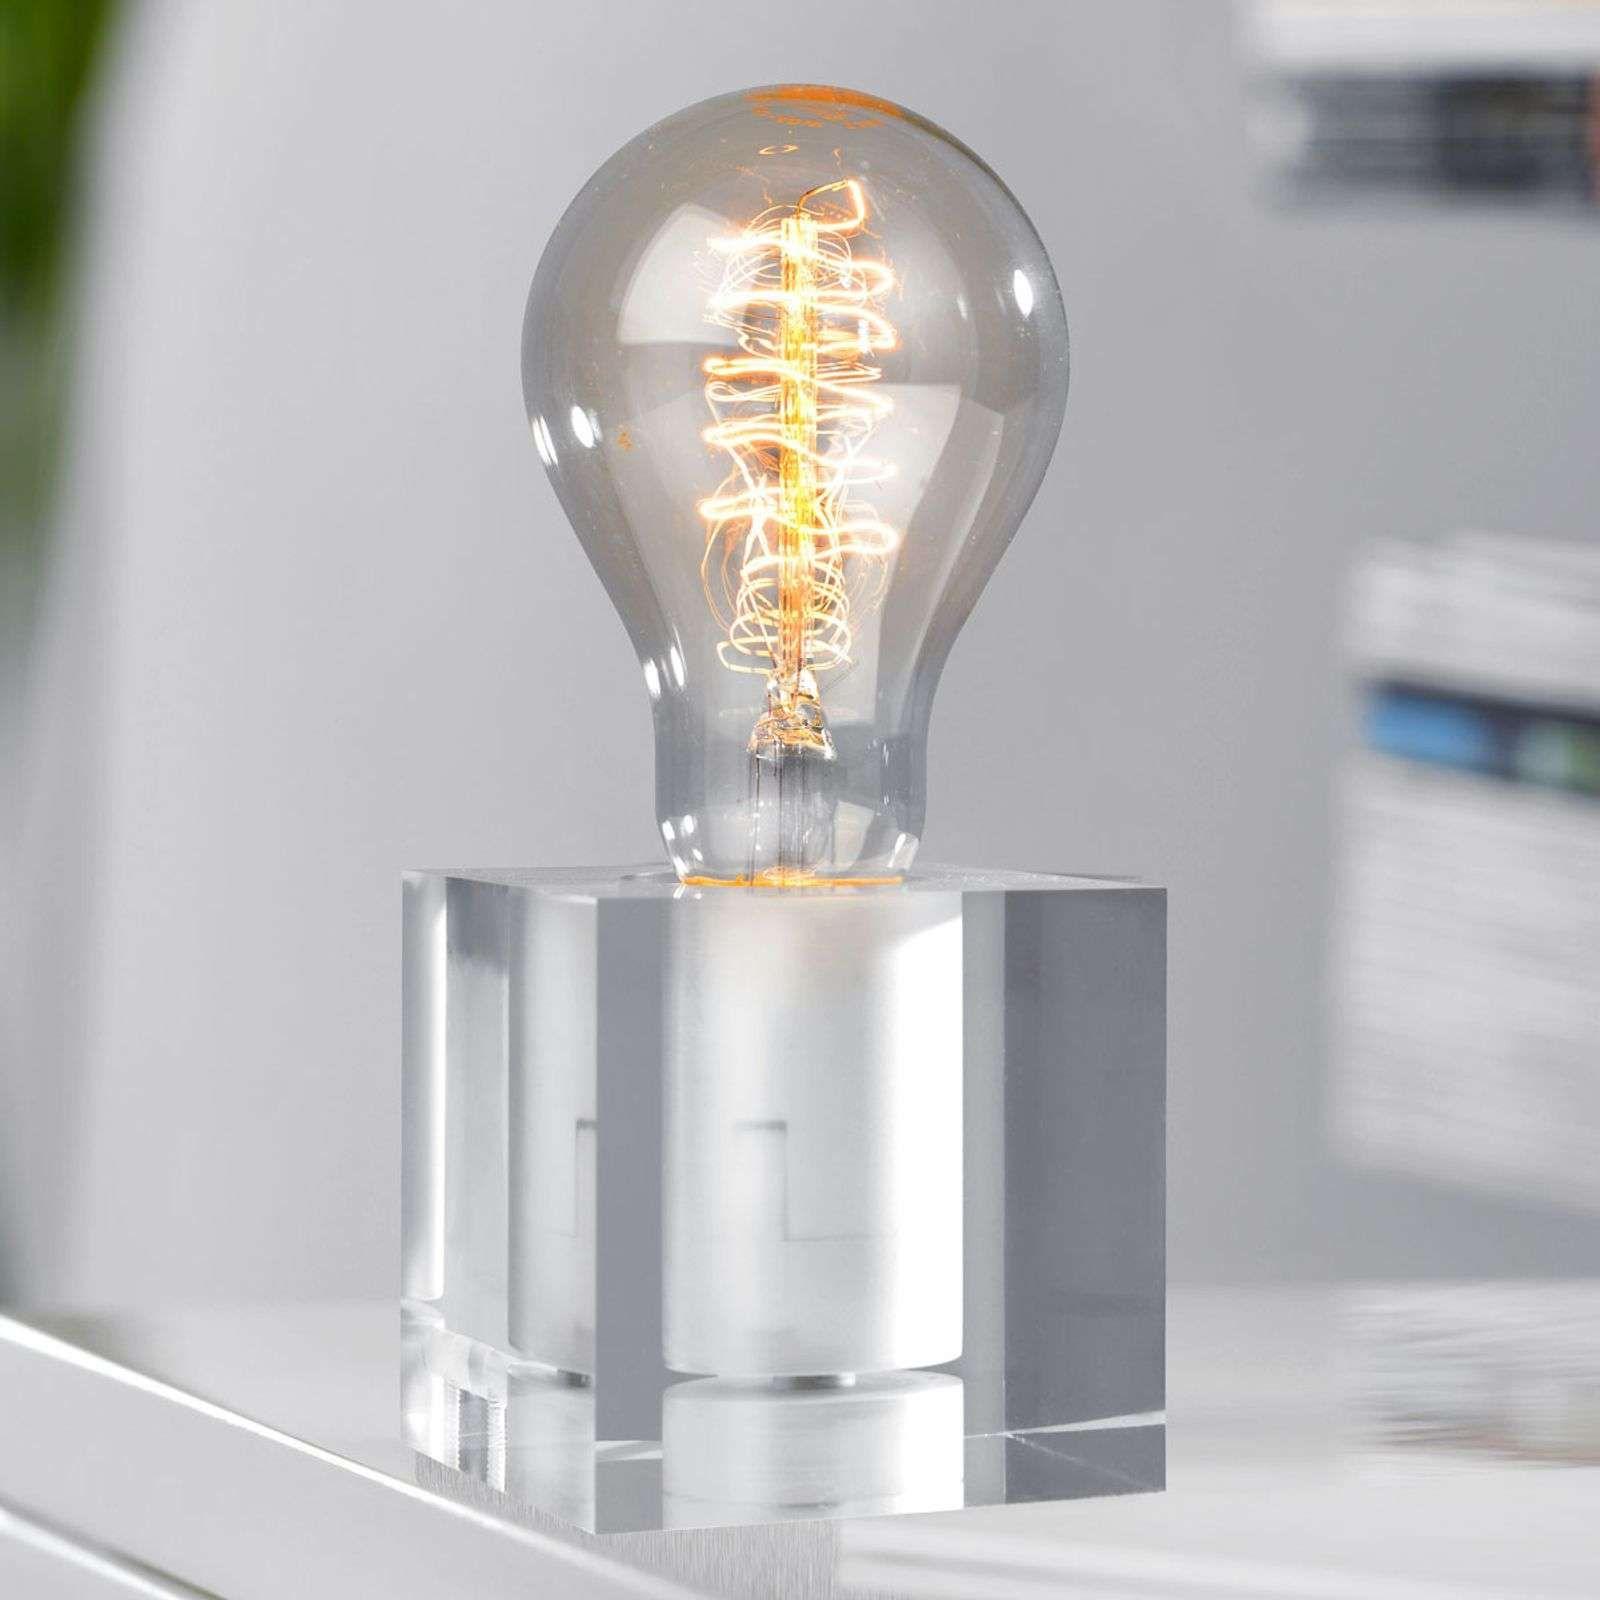 Tischleuchte Cubic Acryl En 2020 Lampe De Table Moderne Lampes De Table Lamp